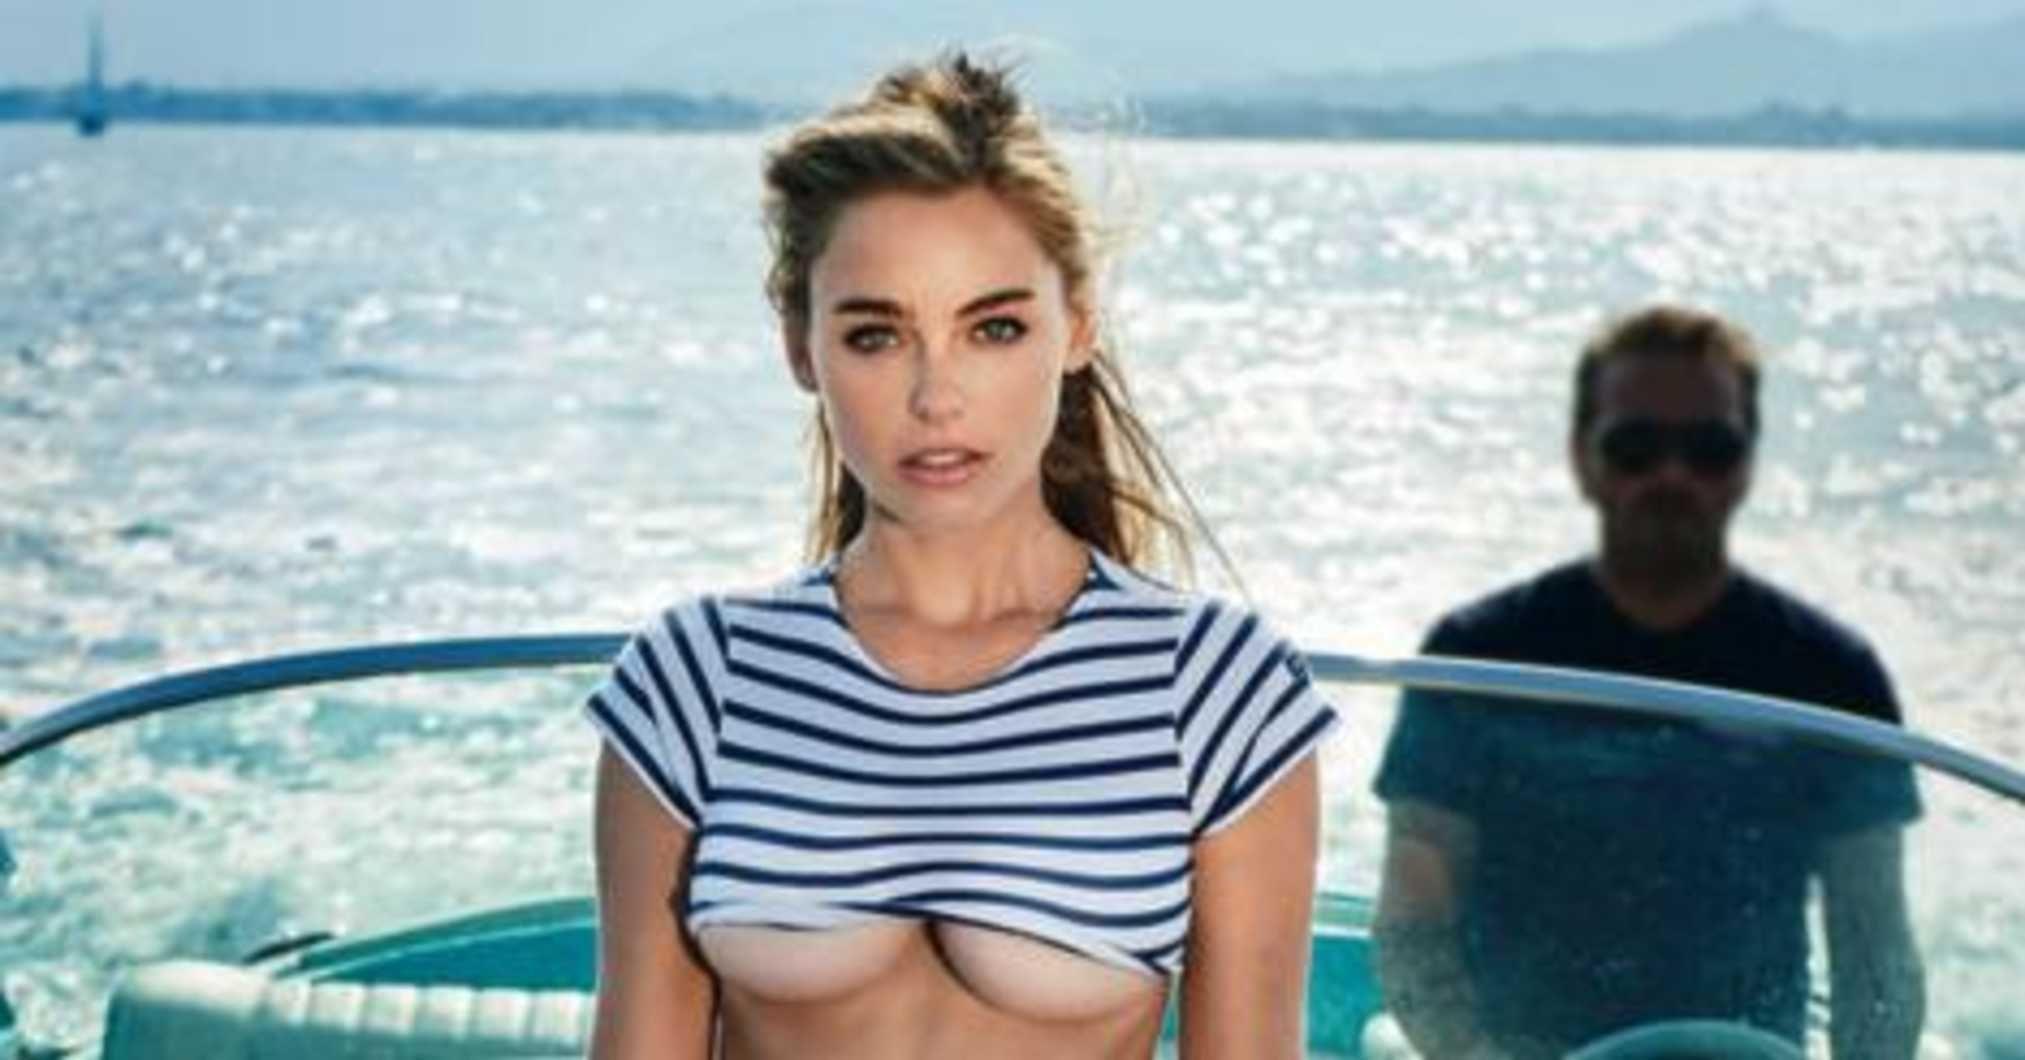 Images Yolandi Visser nude photos 2019